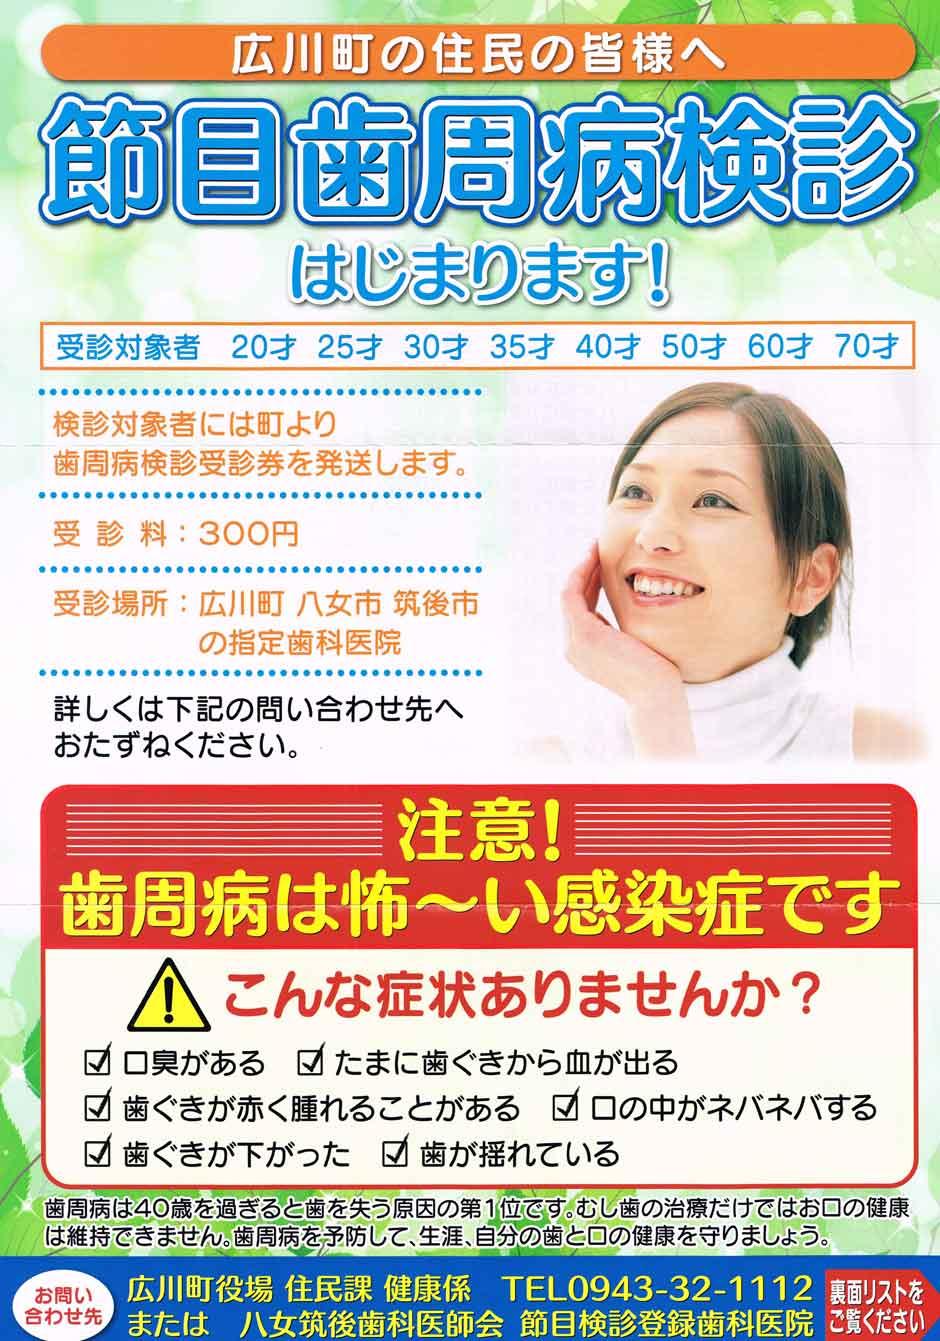 節目歯周病検診